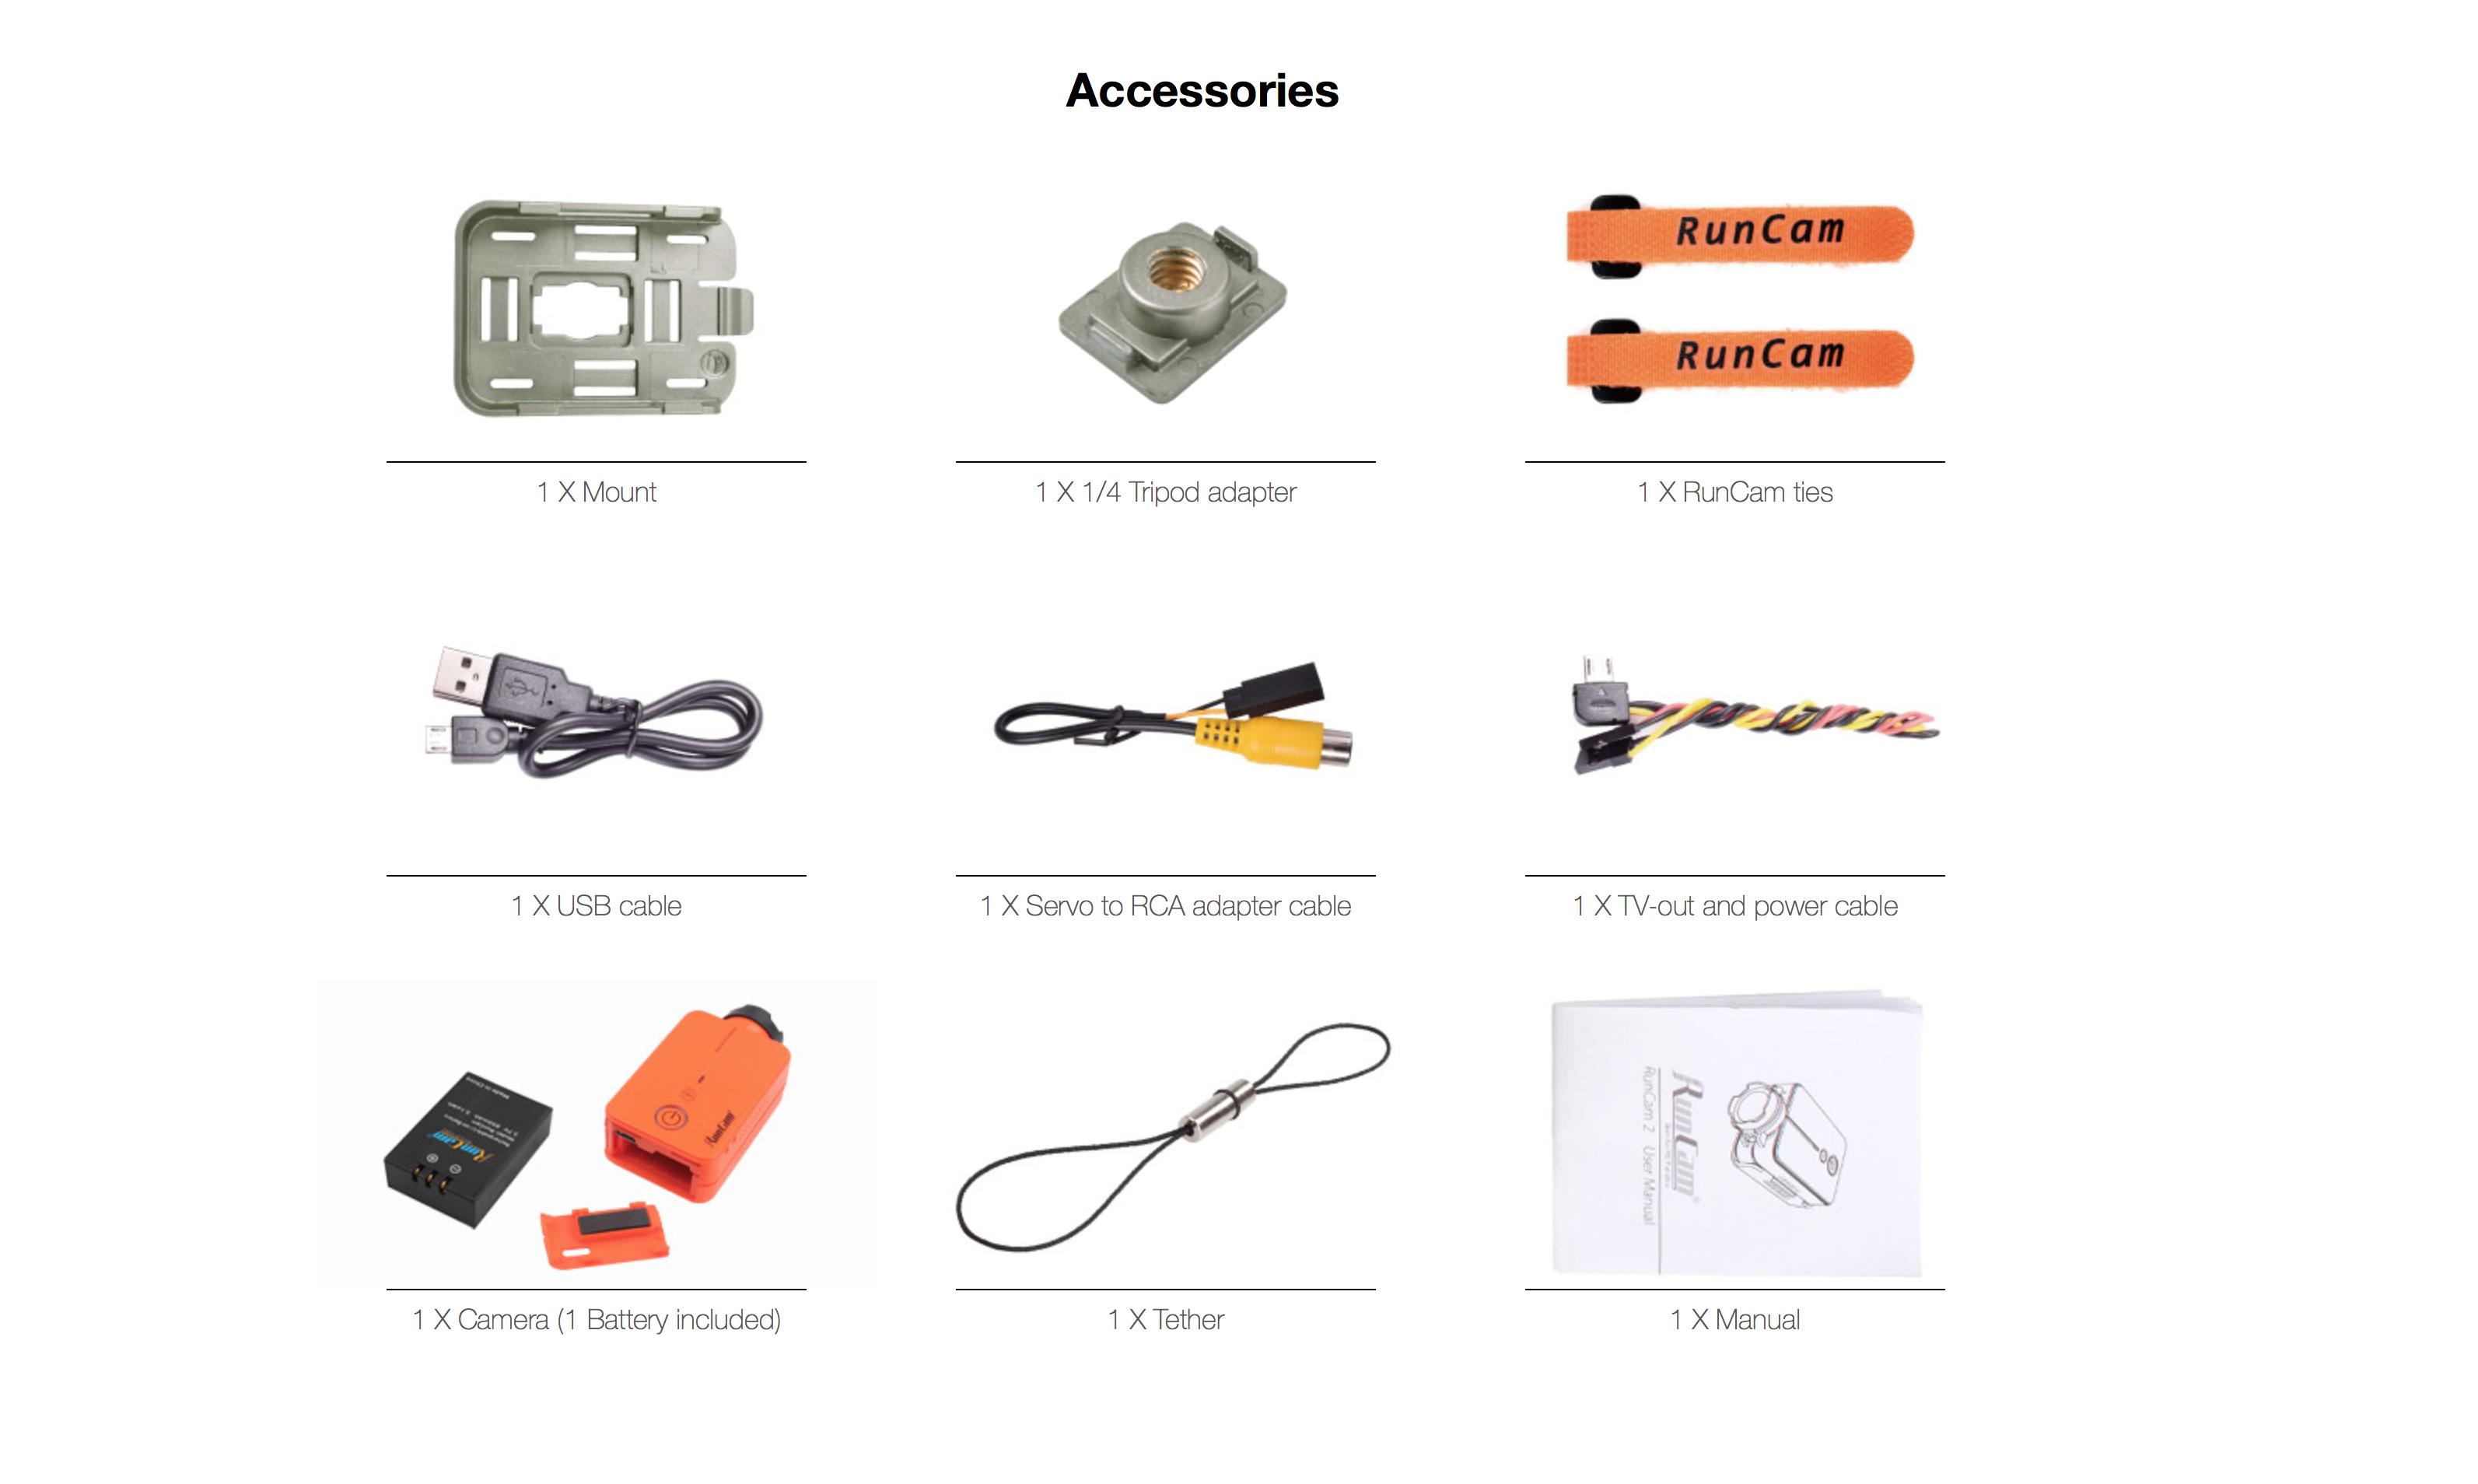 RunCam 2 Accessories